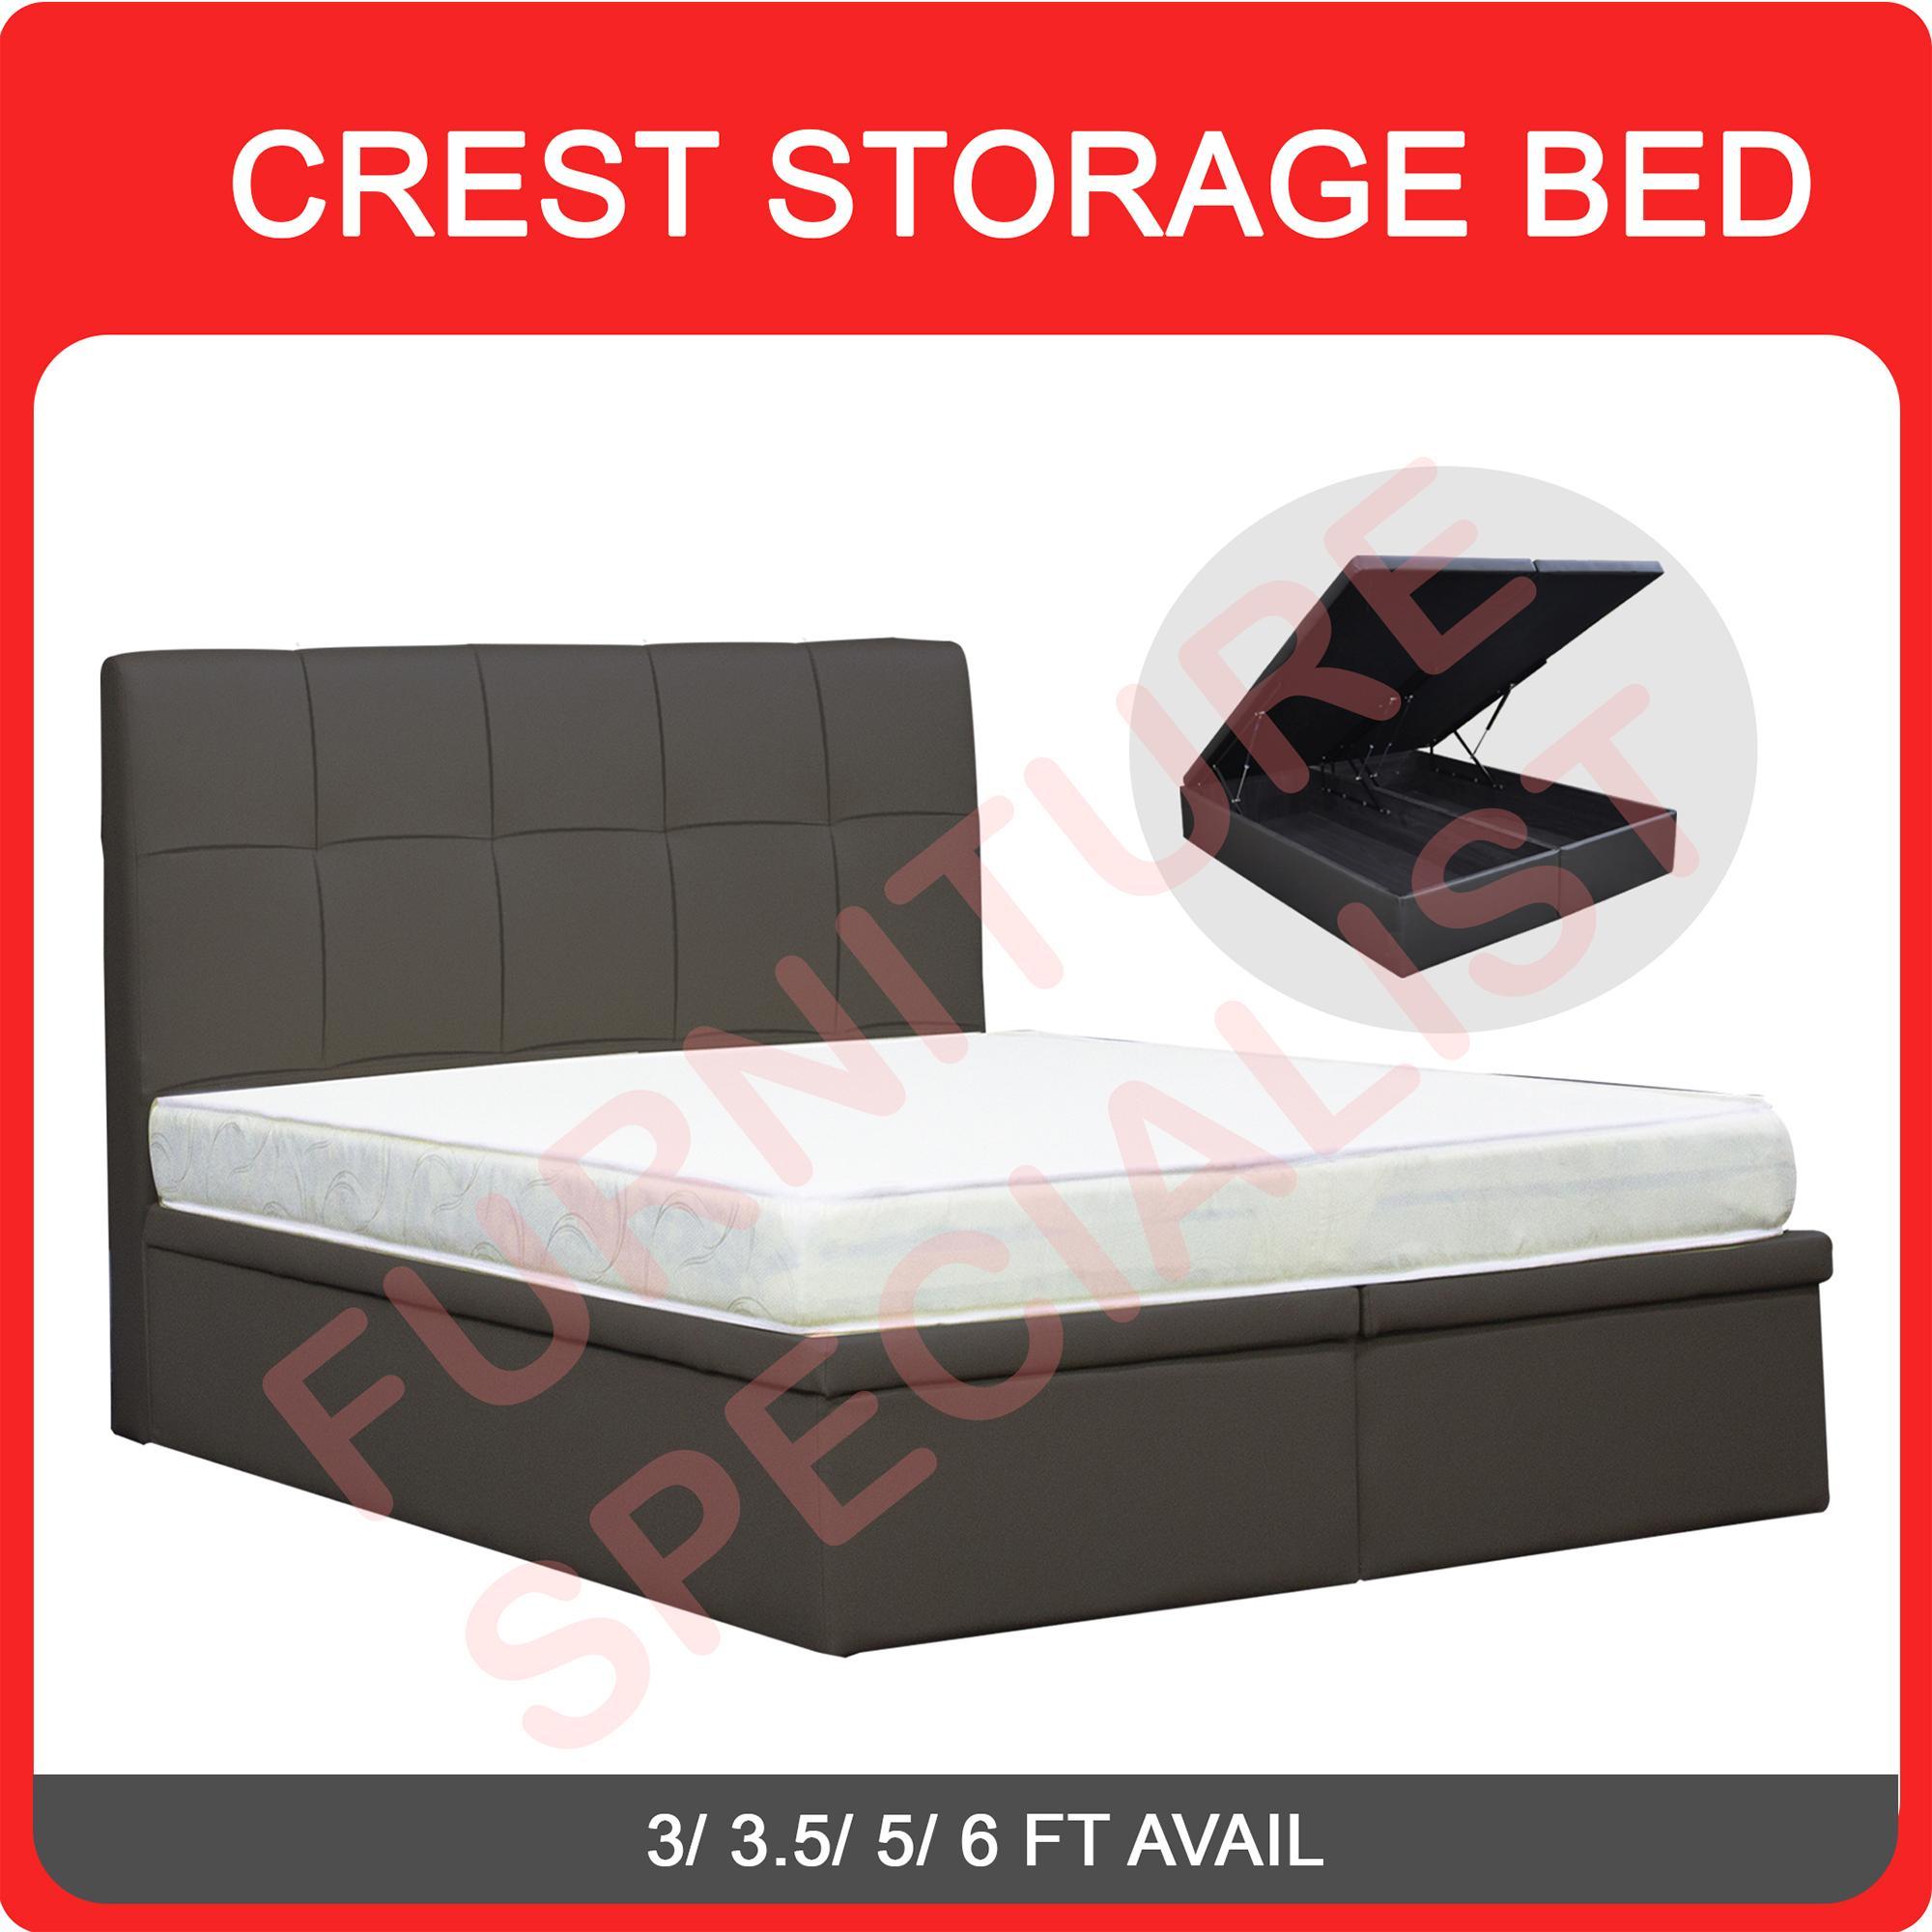 CREST STORAGE BED